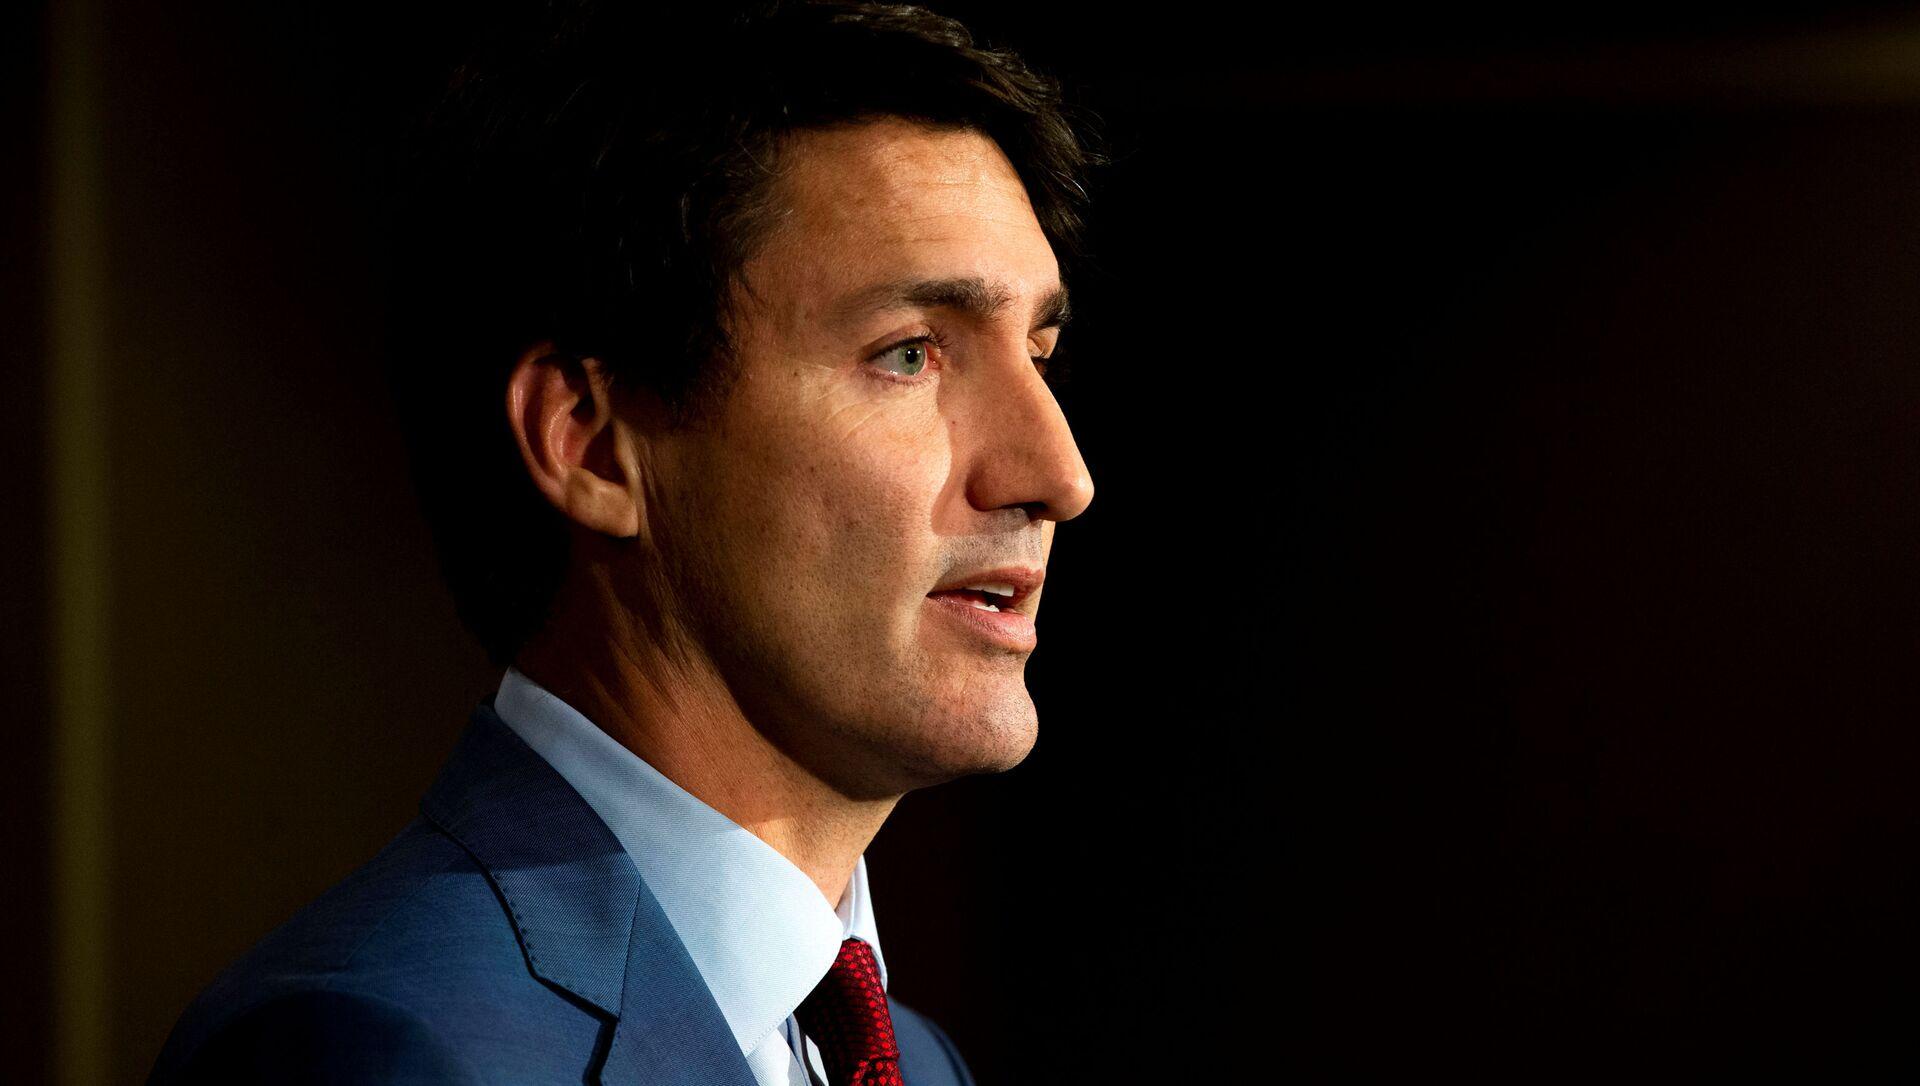 Il primo ministro canadese Justin Trudeau - Sputnik Italia, 1920, 27.04.2021